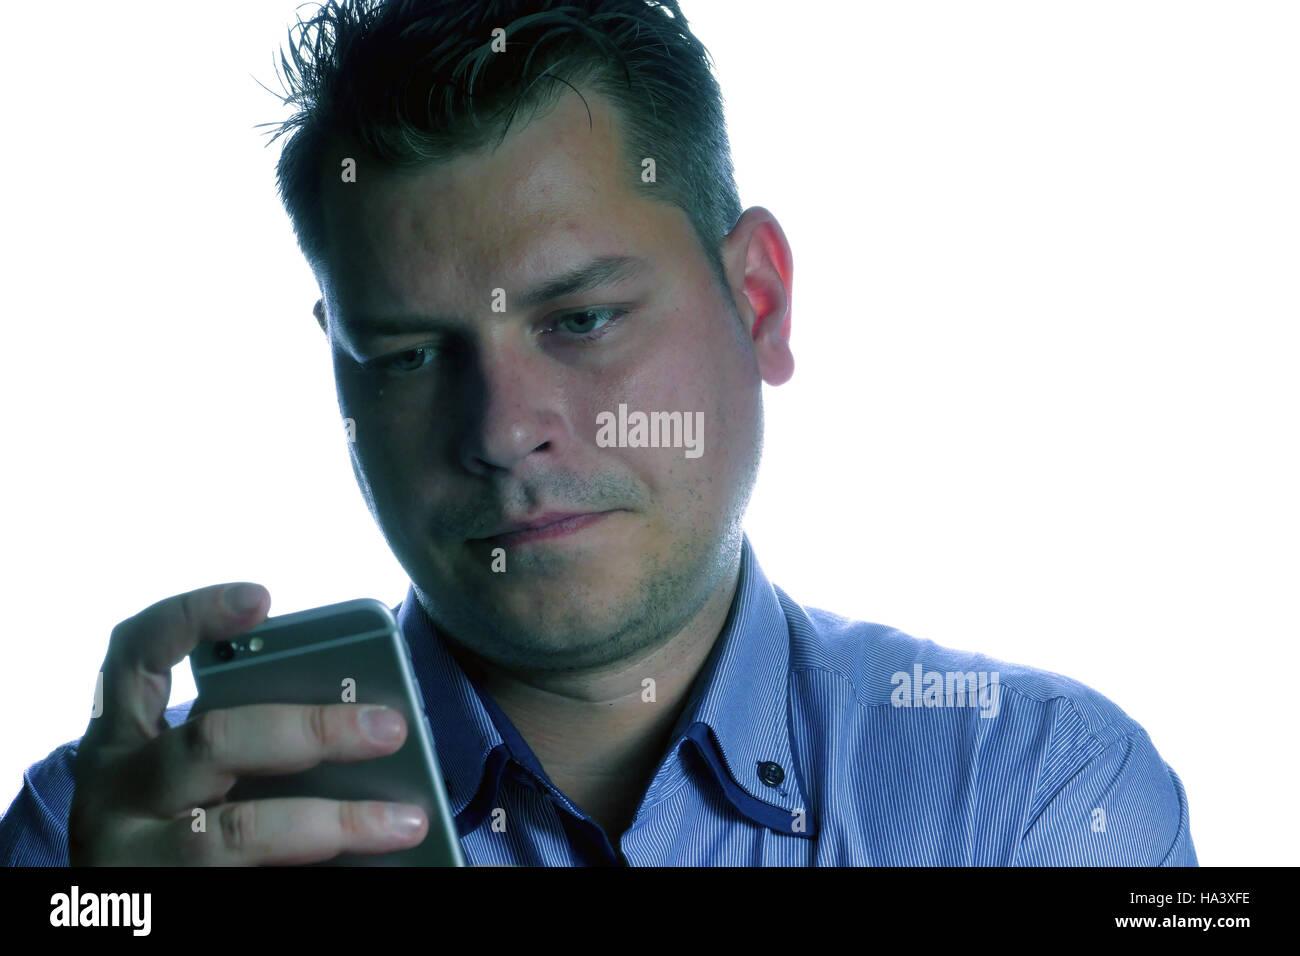 Uomo Che Guarda Sconvolto Sul Telefono Isolato Su Uno Sfondo Bianco